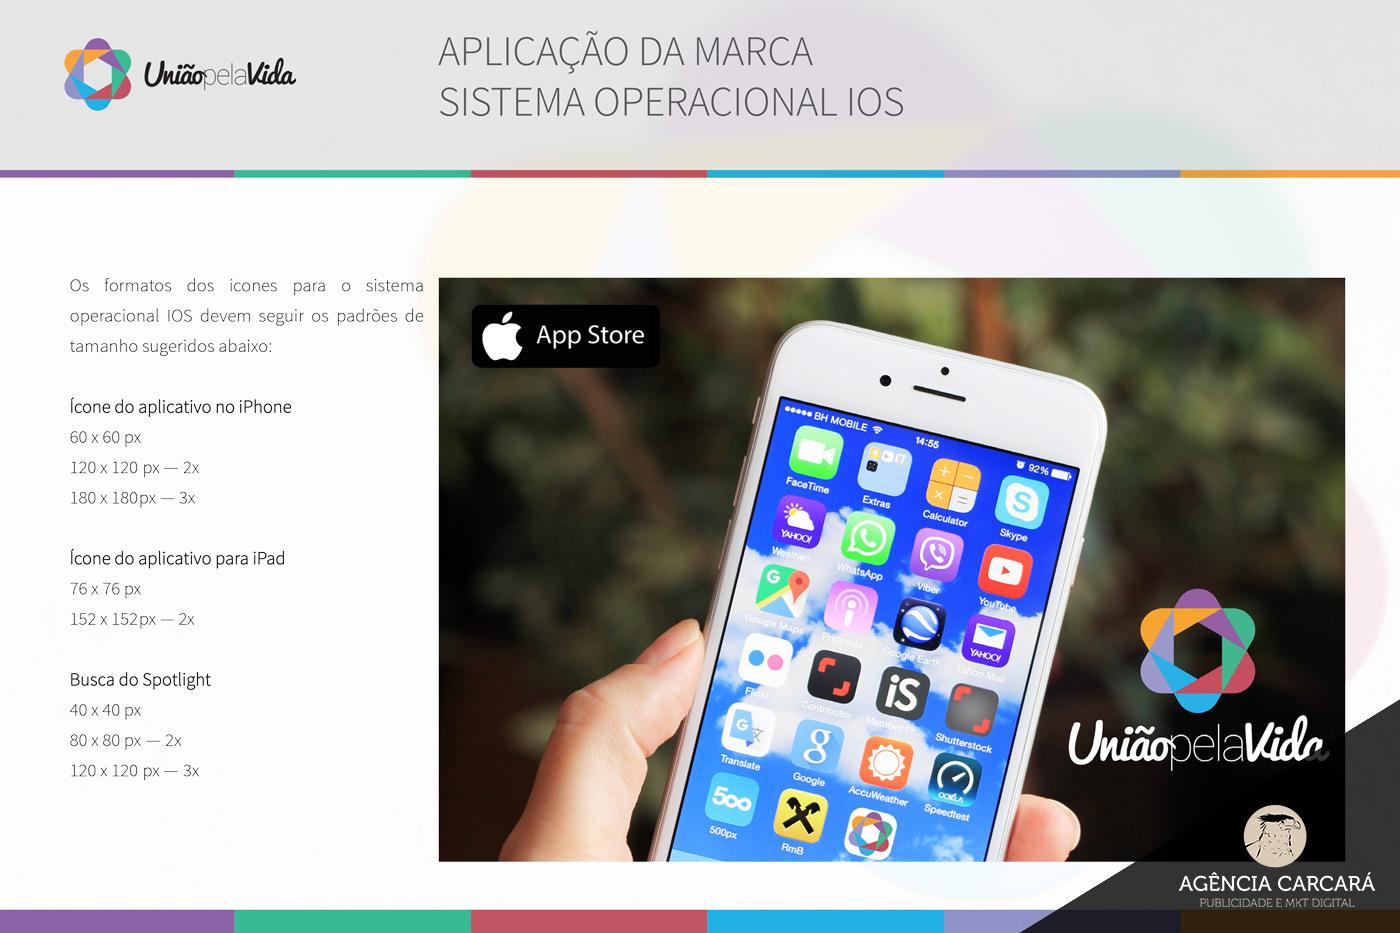 Criação do logo para o aplicativo de financiamento coletivo (crowdfunding) União Pela Vida Rede Salesiana Brasil.